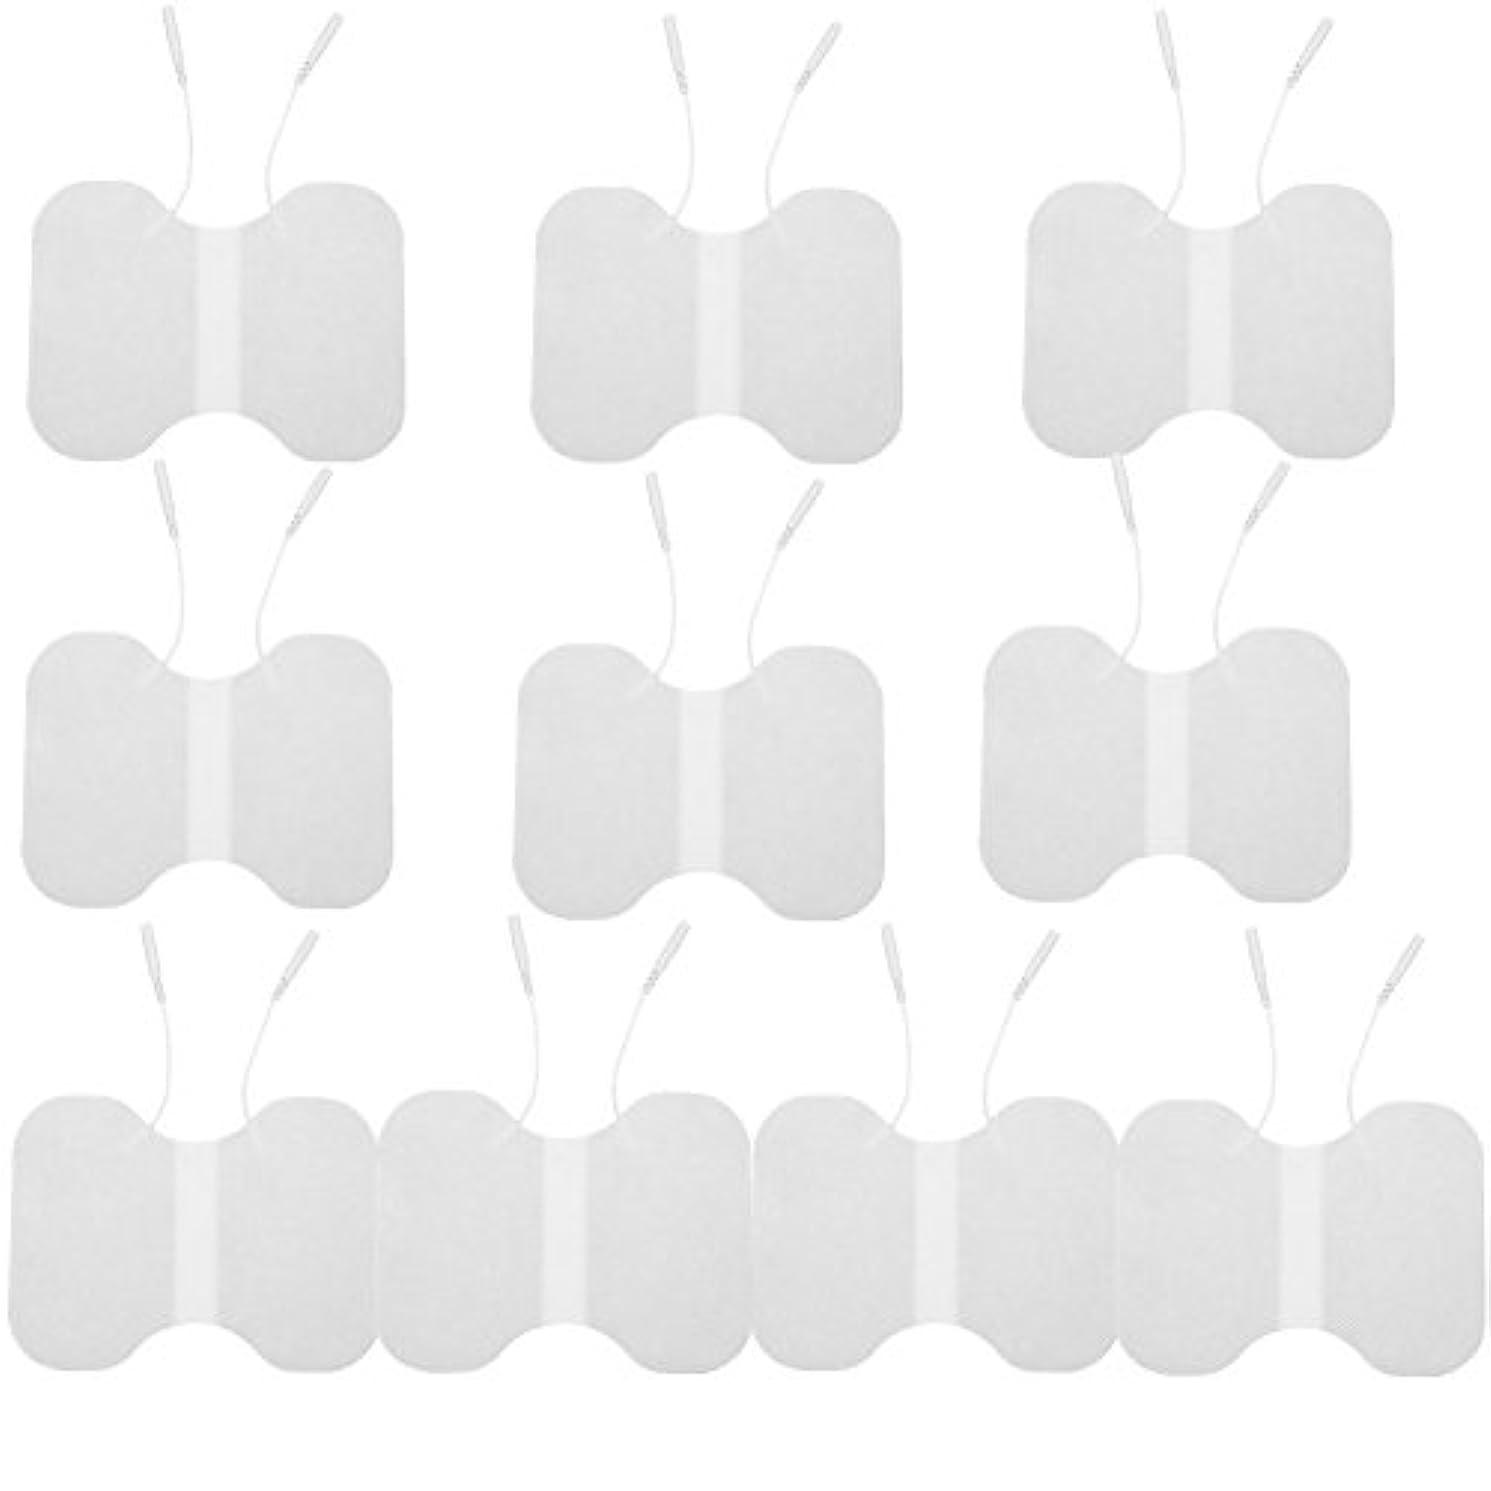 かもしれない鋸歯状スペクトラム電極パッド、1Pc再利用可能な自己接着性電極パッチが体内の循環を改善し代謝を促進する効果